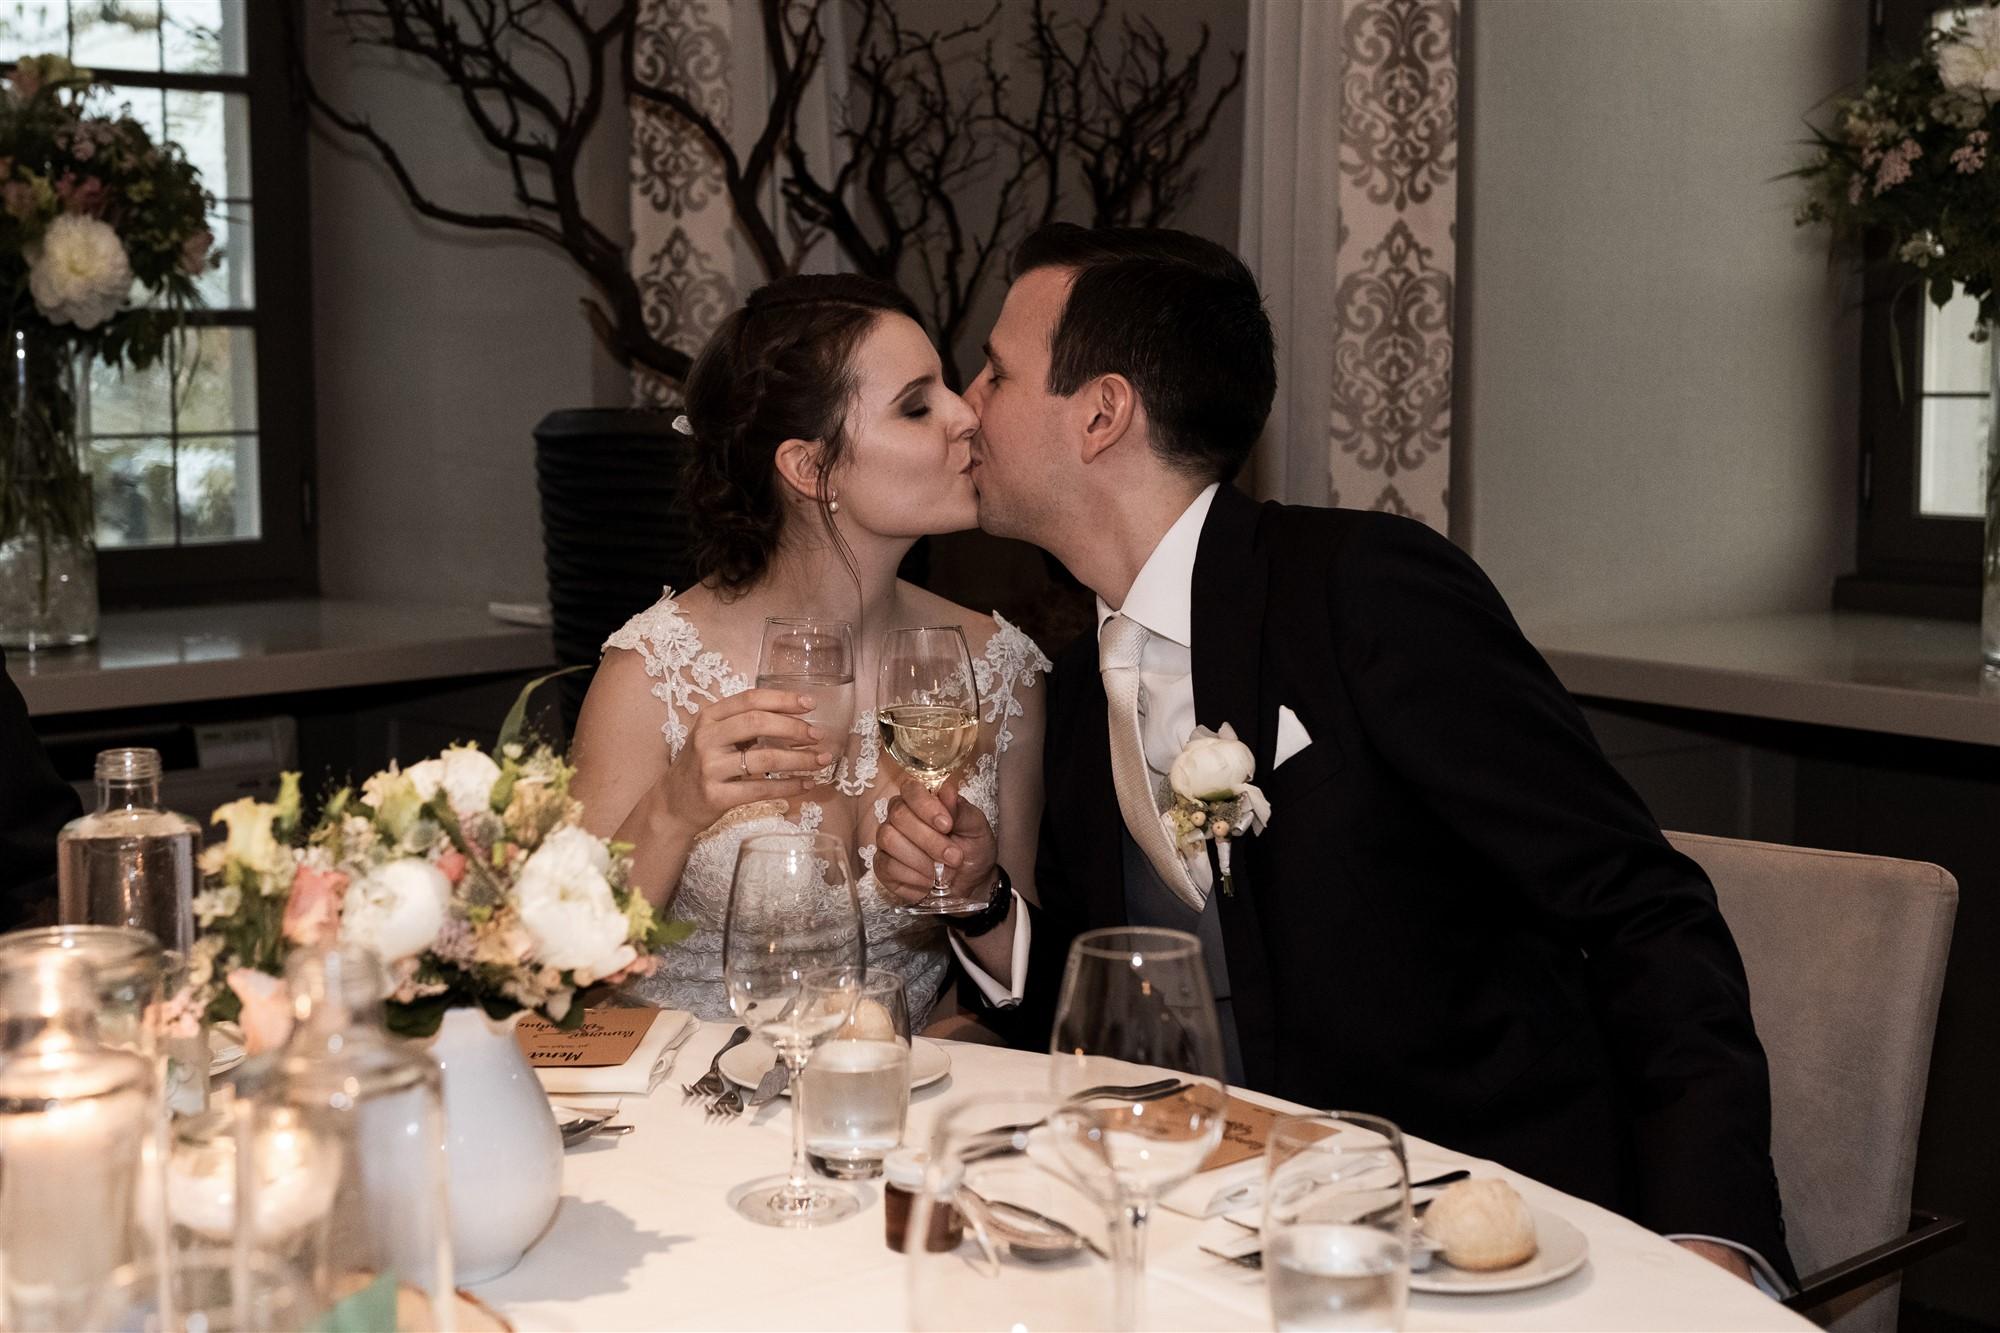 Das Brautpaar sitzt am Tisch im Hotel Bad Bubendorf - Hochzeit